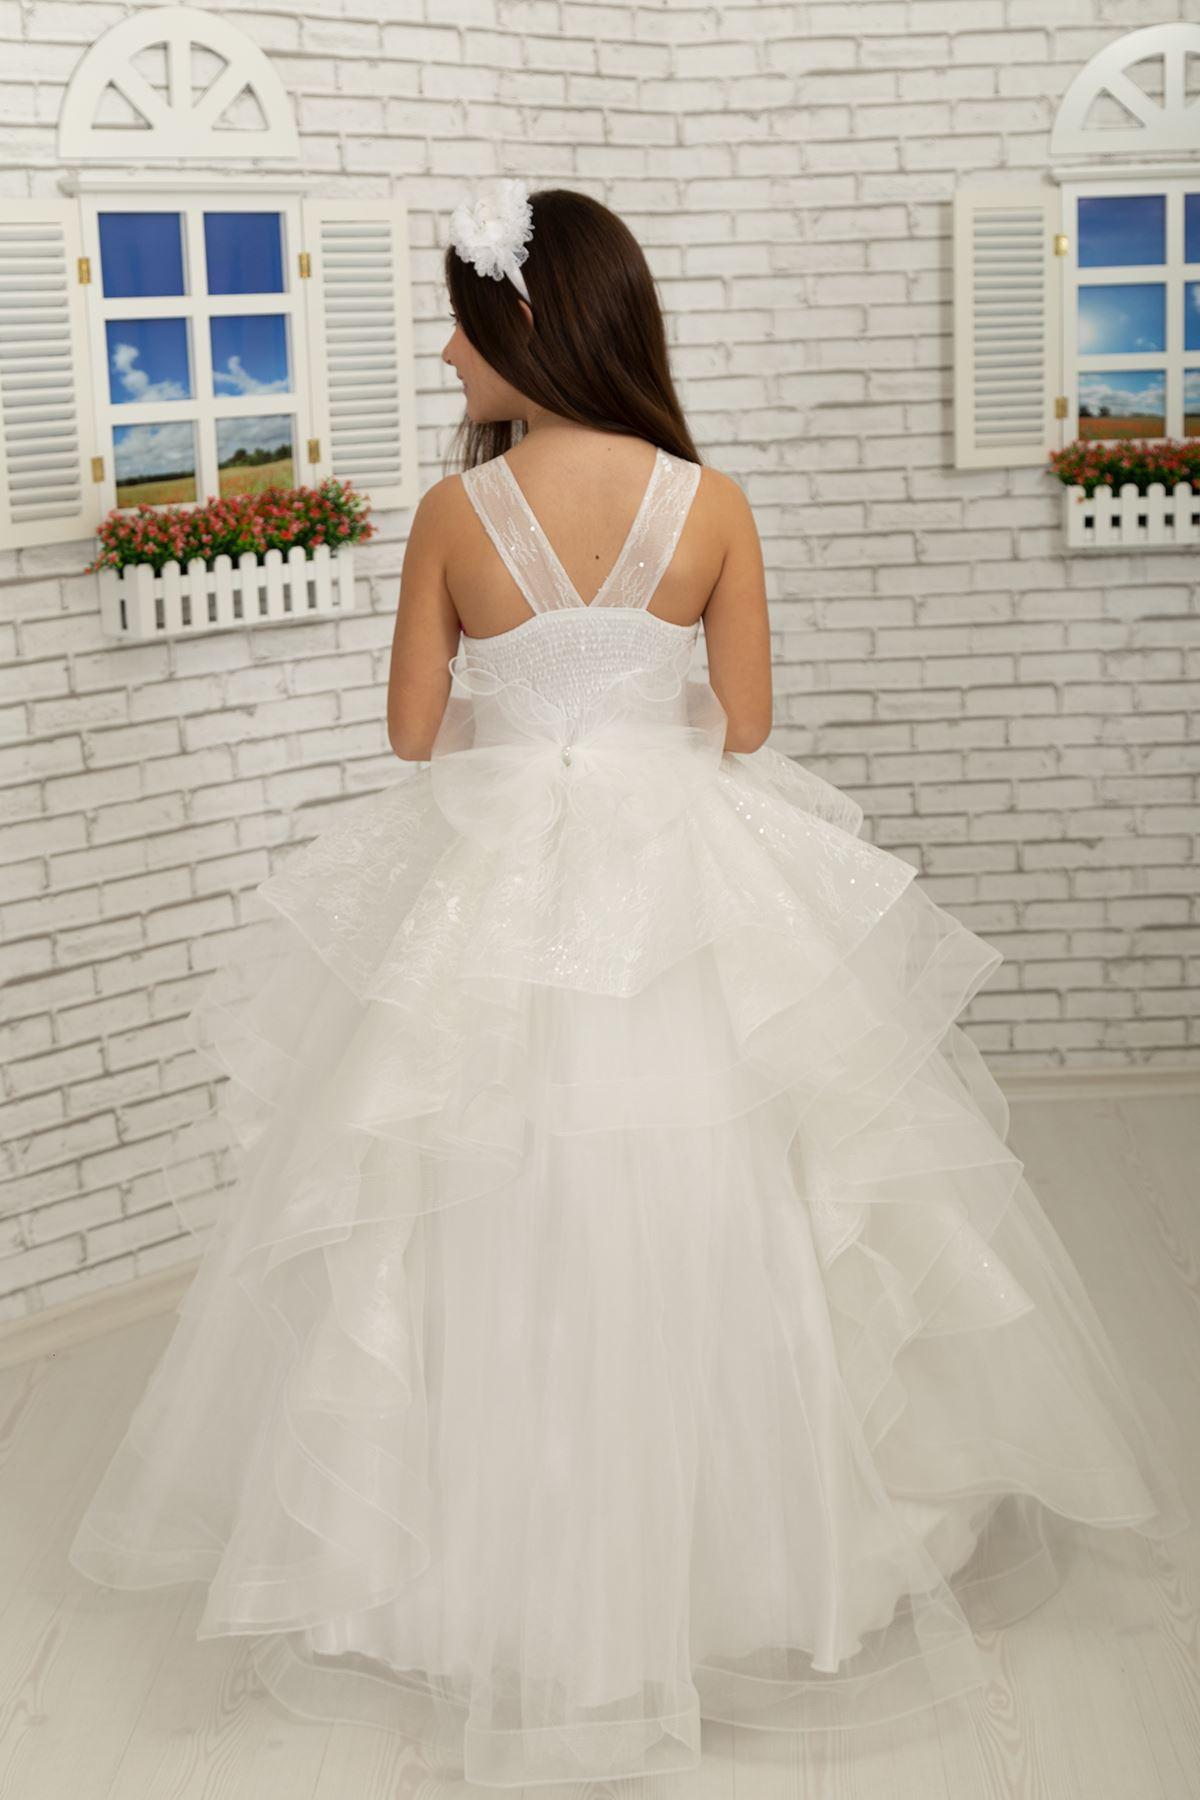 3D пользовательские серебристые кружева пушистые вечерние платья девушки 629 крем